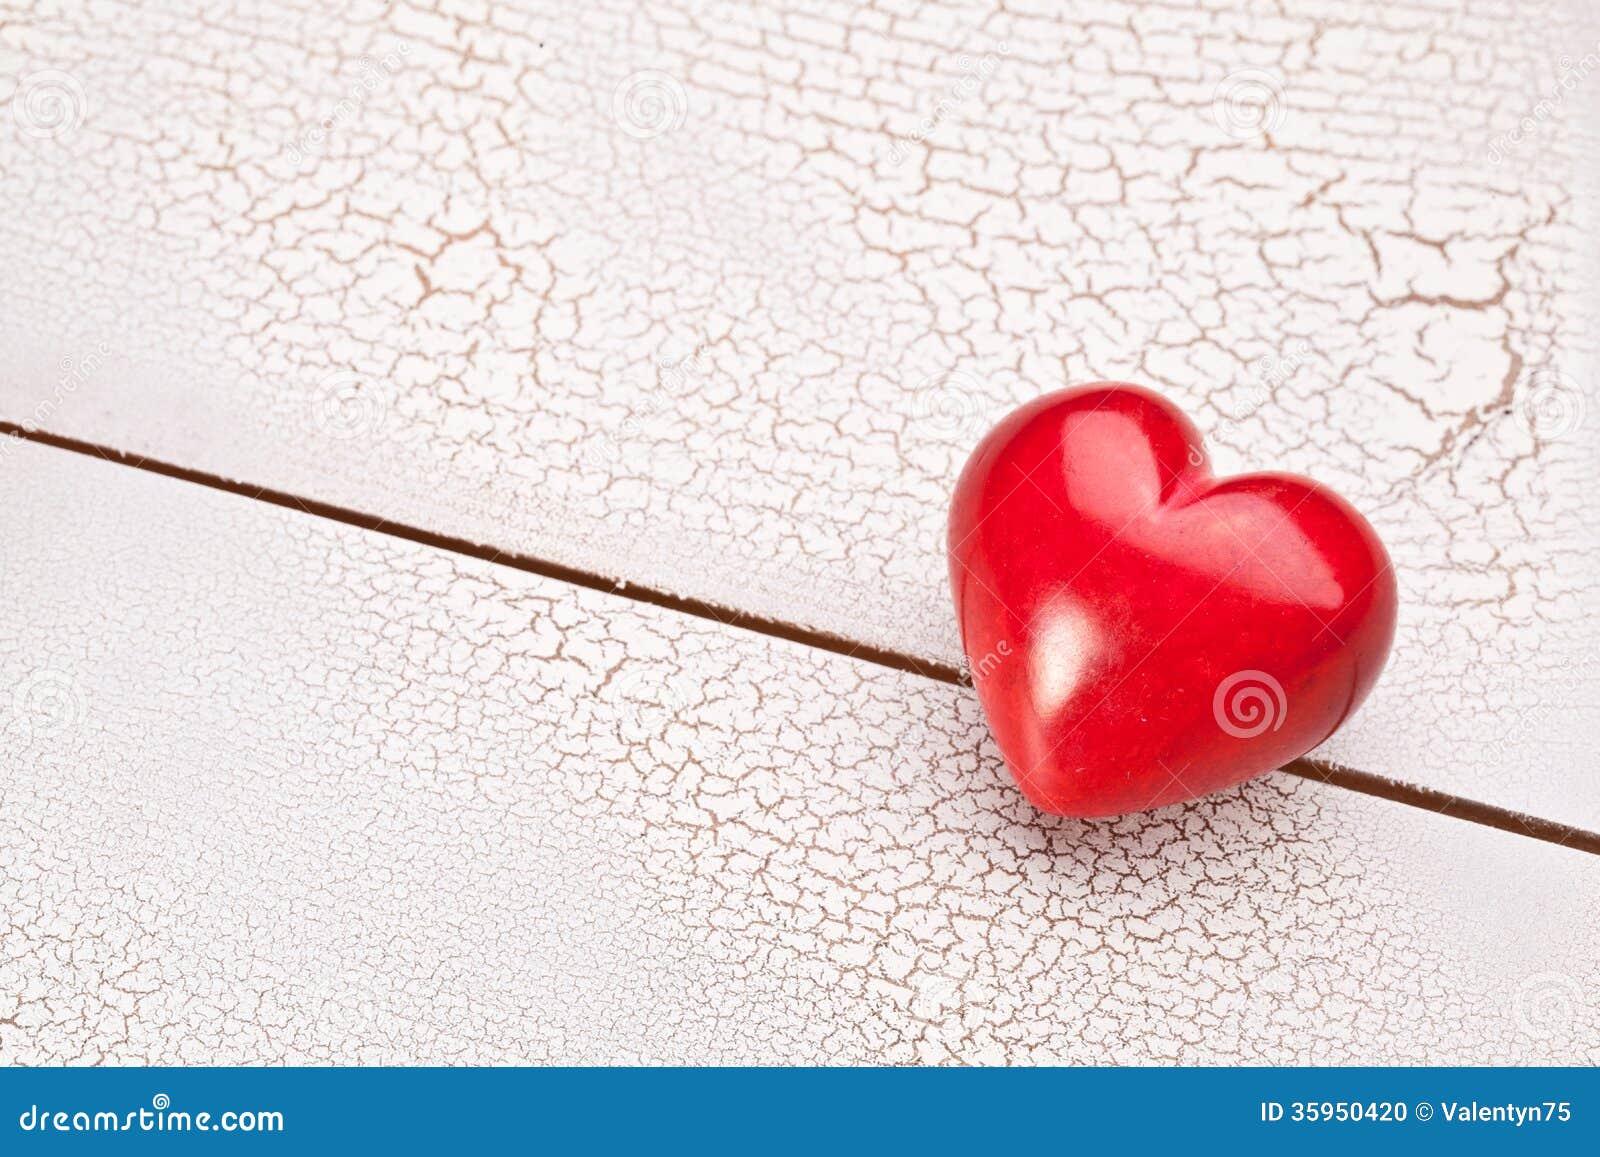 Corazón rojo en una tabla de madera.